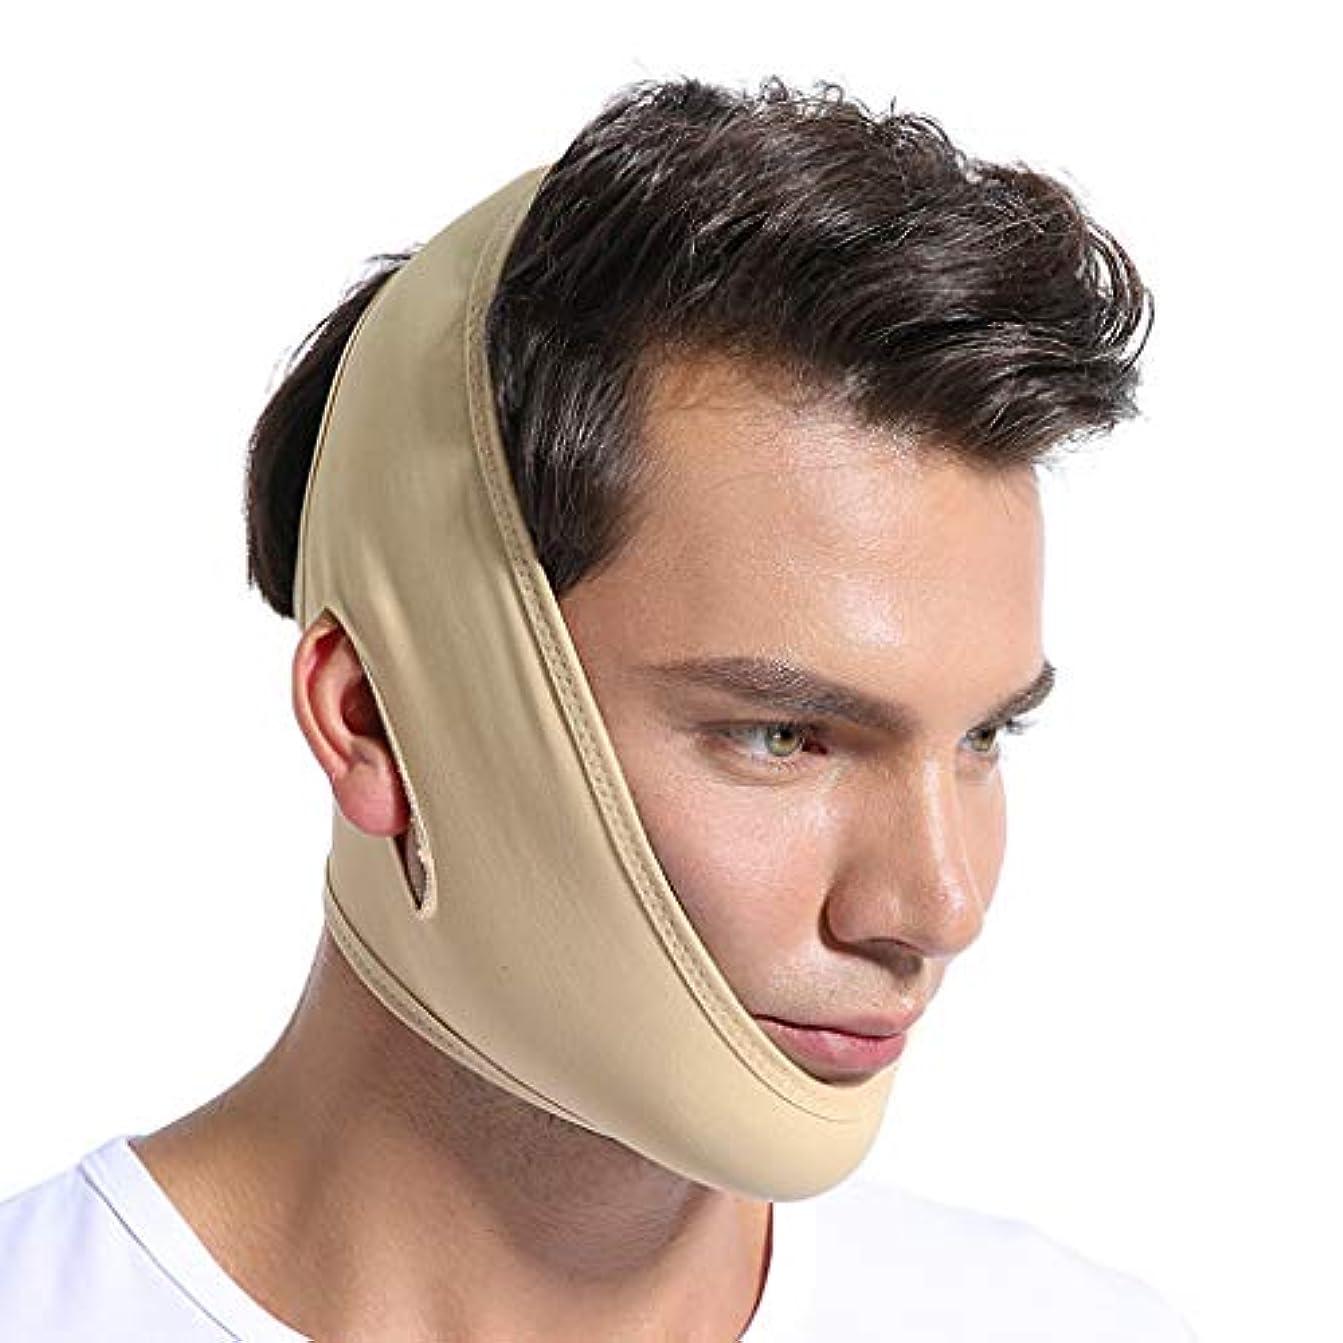 してはいけないジョットディボンドン排除する医療ワイヤは、回復回復マスクは、同じ段落を揺るがすネット赤の男性と女性の顔の包帯 v 顔薄い顔アーティファクトを彫る